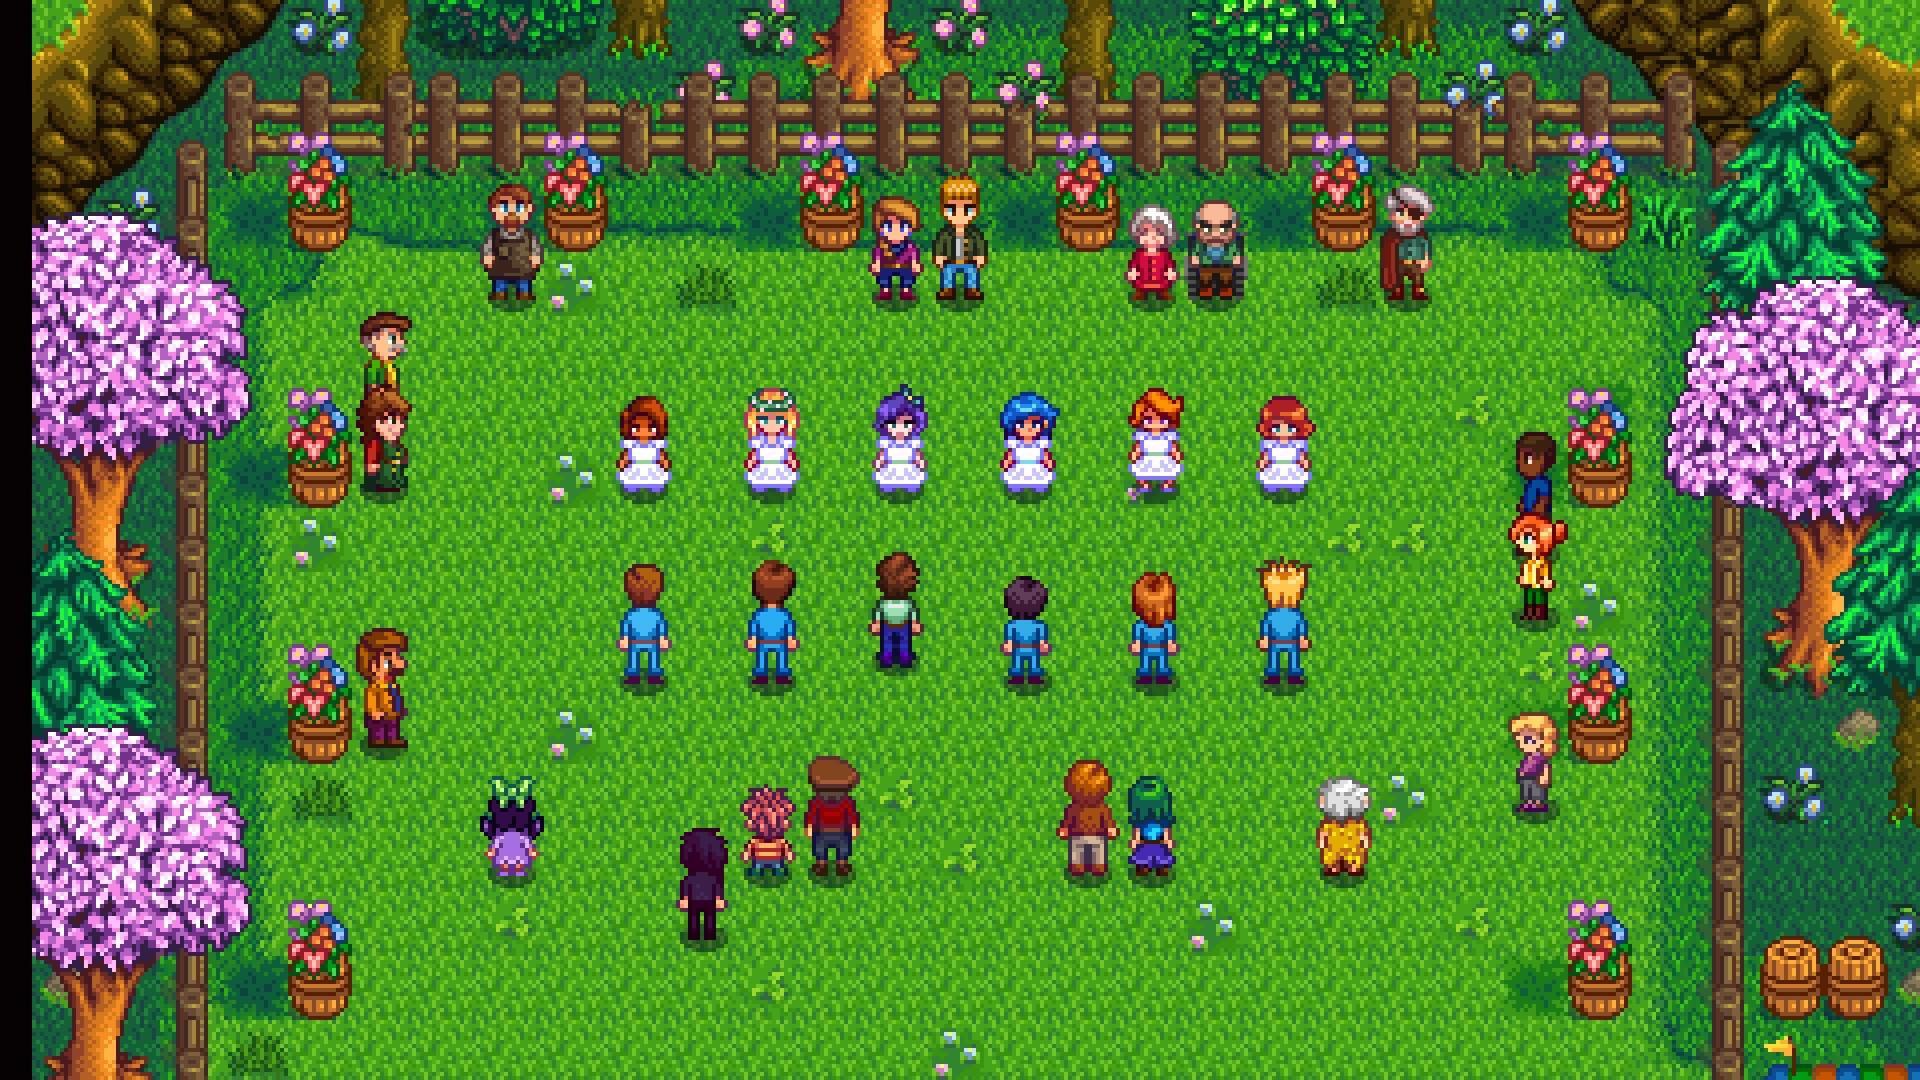 Stardew Valley (2016 – Simulation zen – Playstation 4)